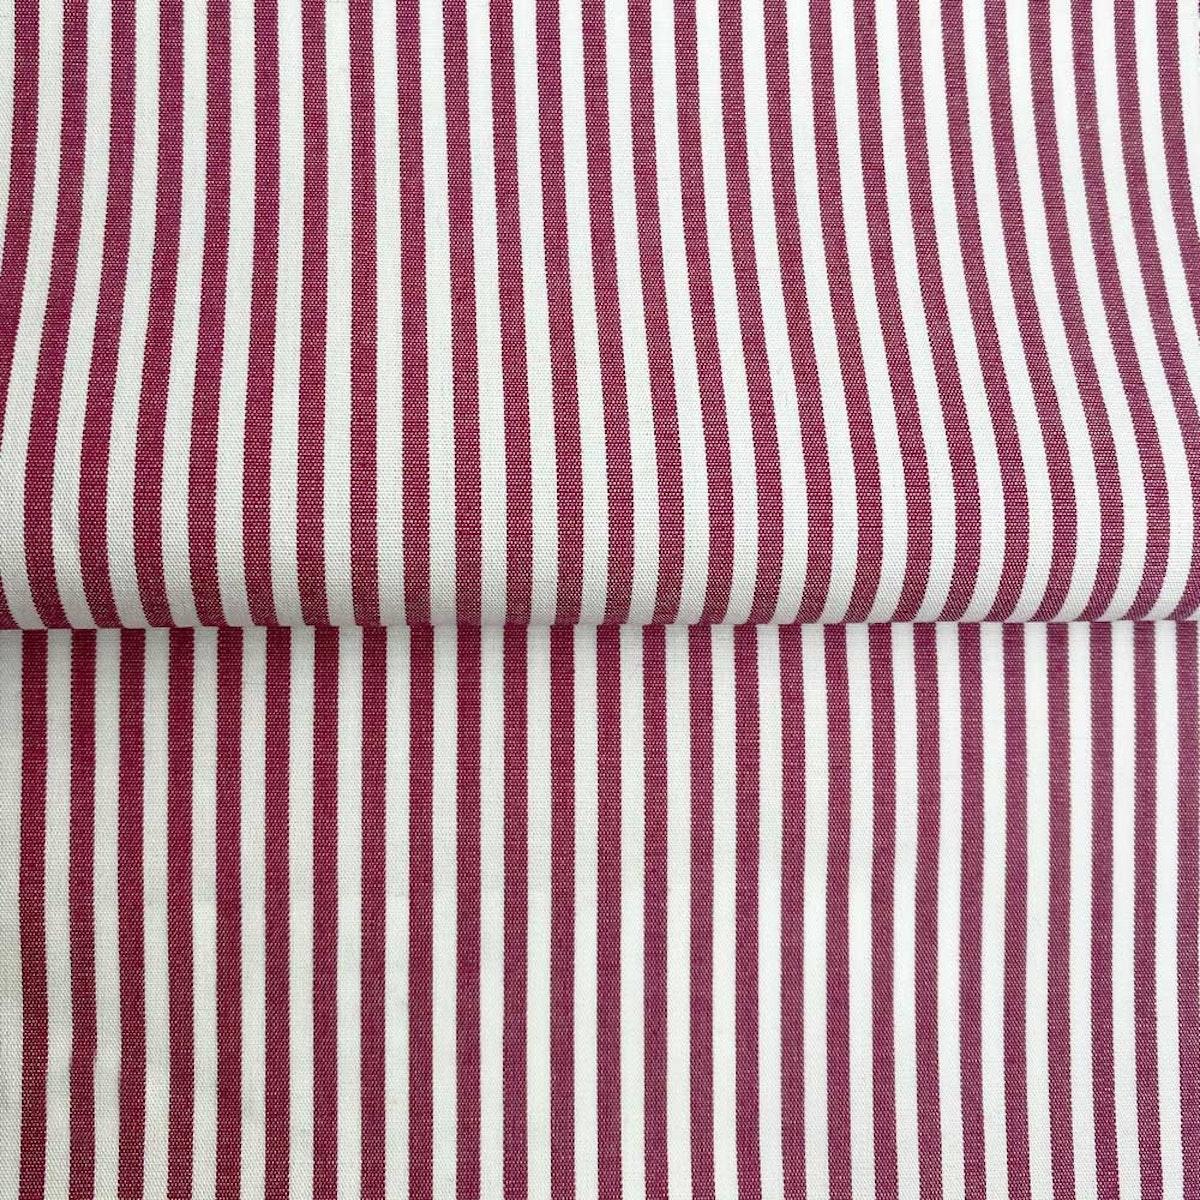 InStitchu Shirt Fabric 114